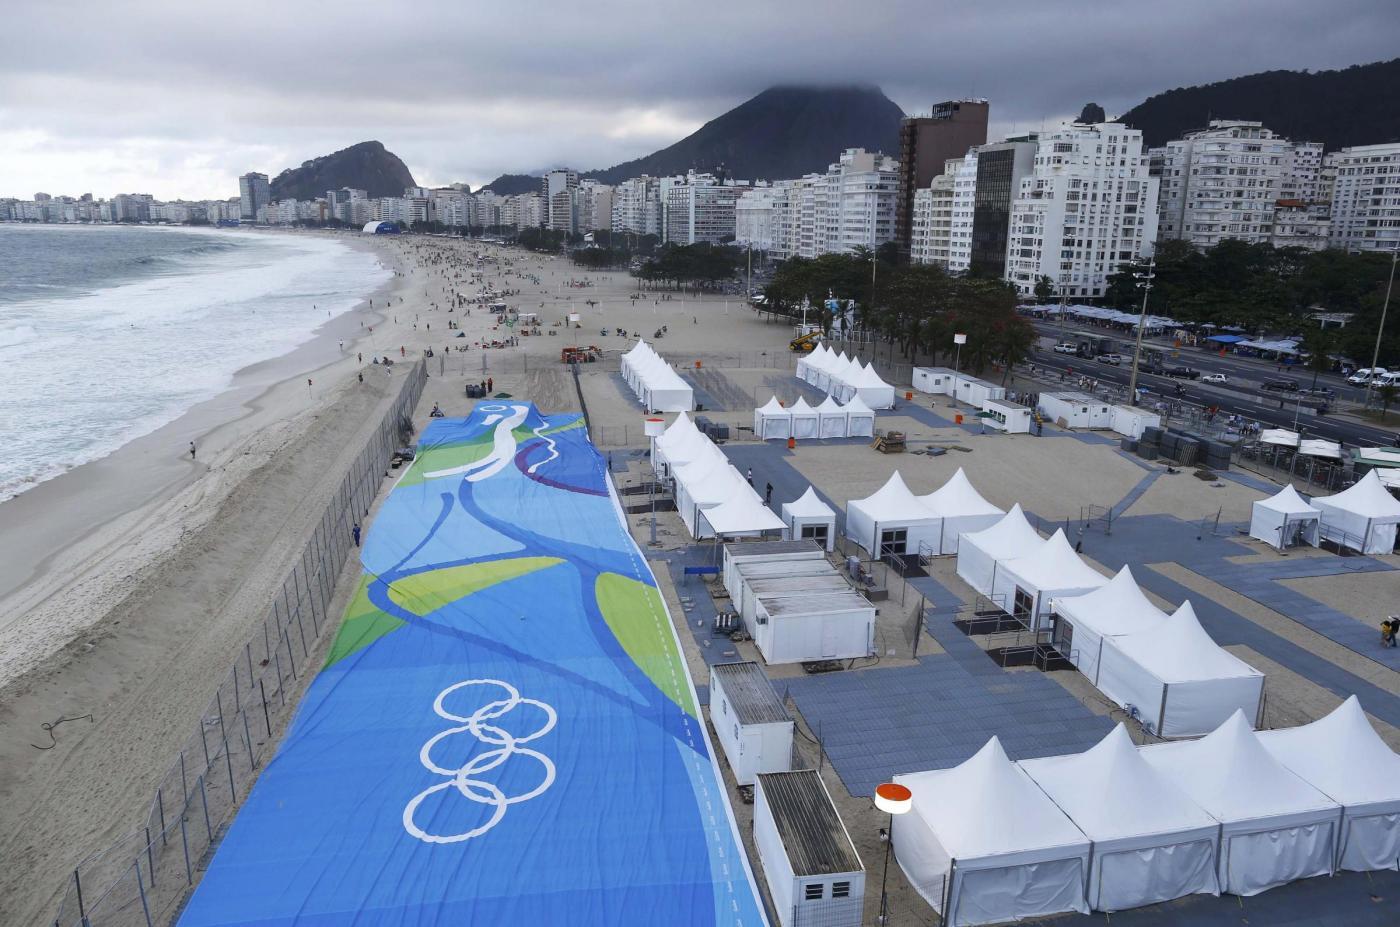 Rio de Janeiro, aspettando le Olimpiadi